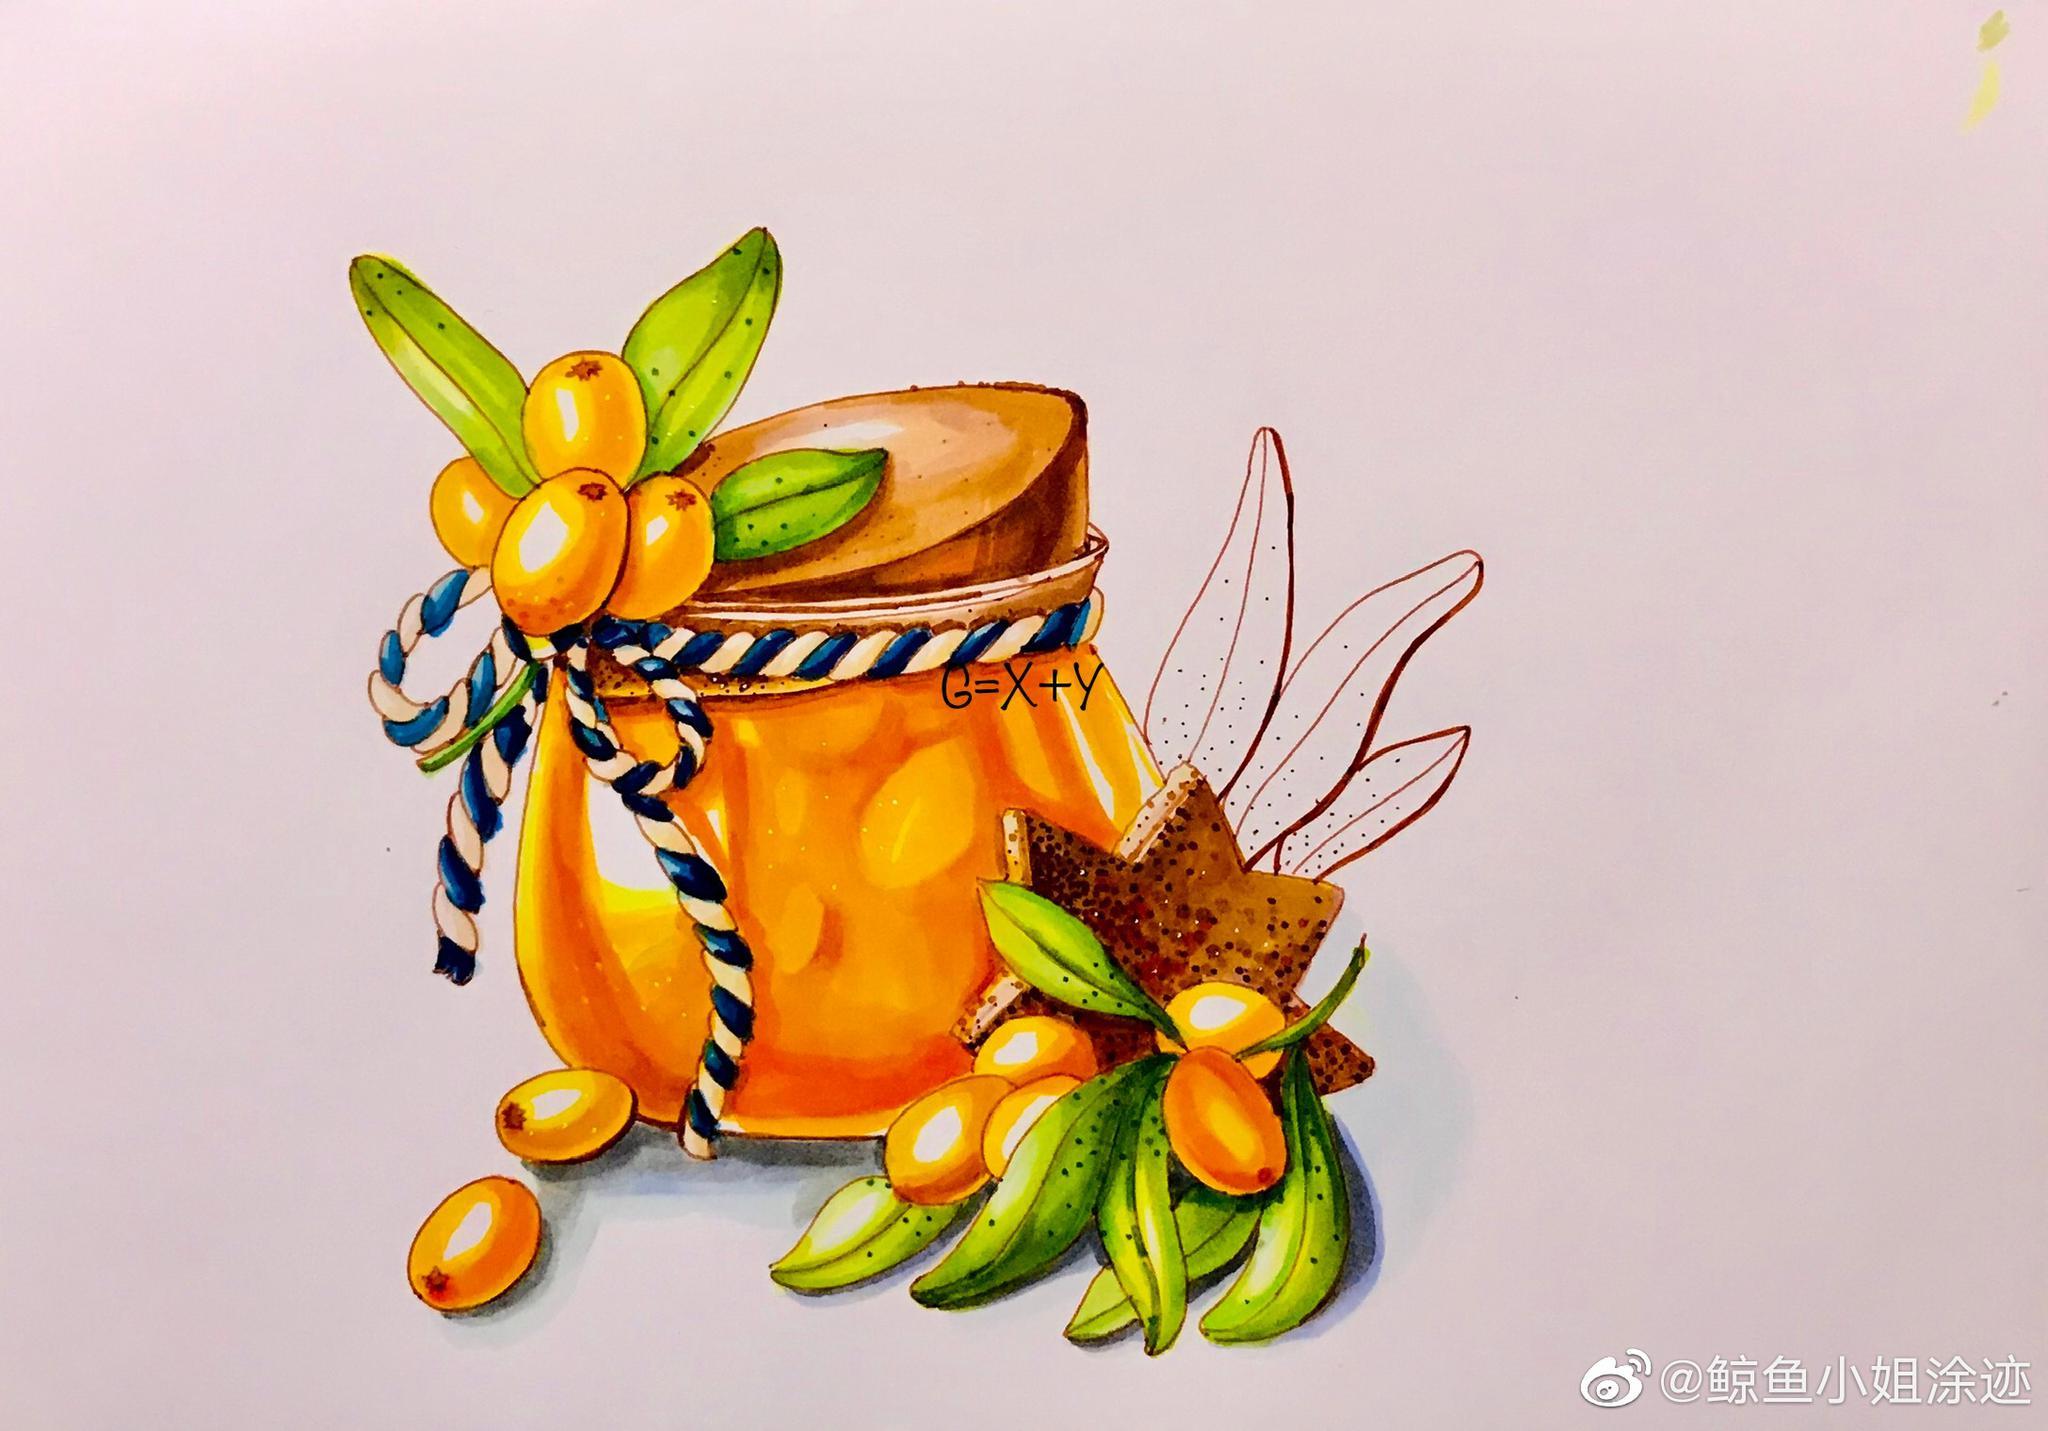 临摹小橘子🍊酱~~| 作者:@鲸鱼小姐涂迹